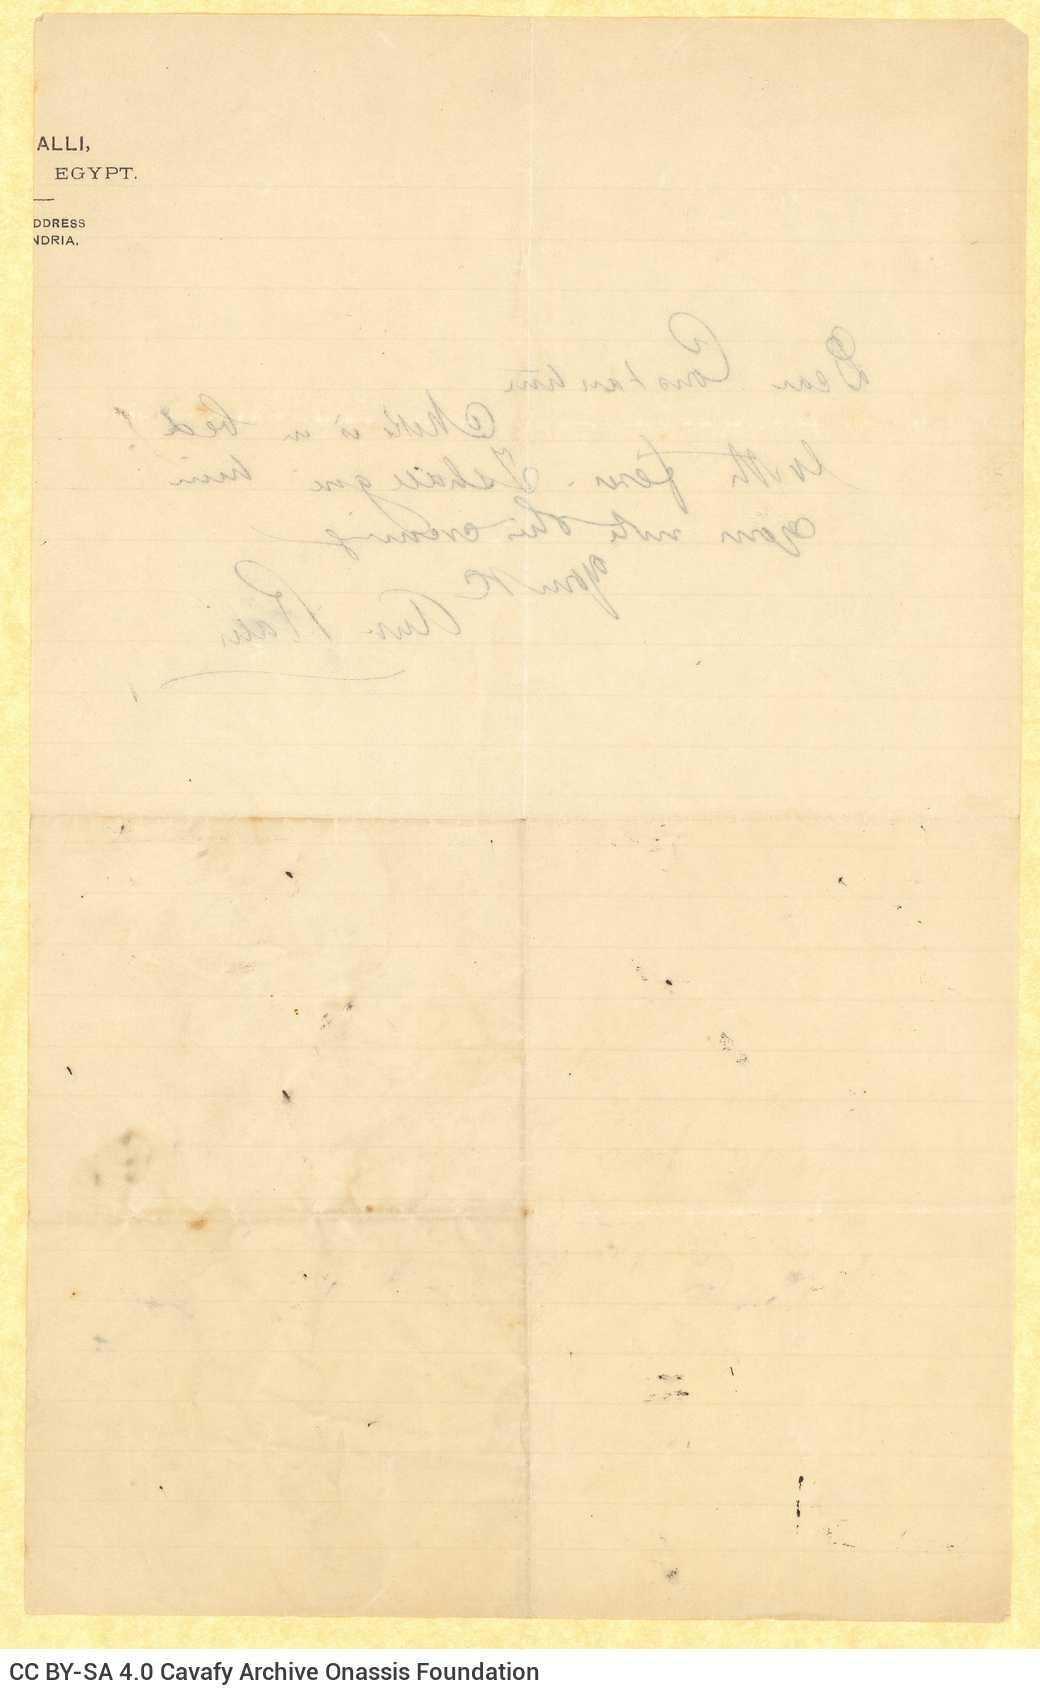 Χειρόγραφο σημείωμα του Αντώνιου Ράλλη προς τον Καβάφη σχετικό με τ�